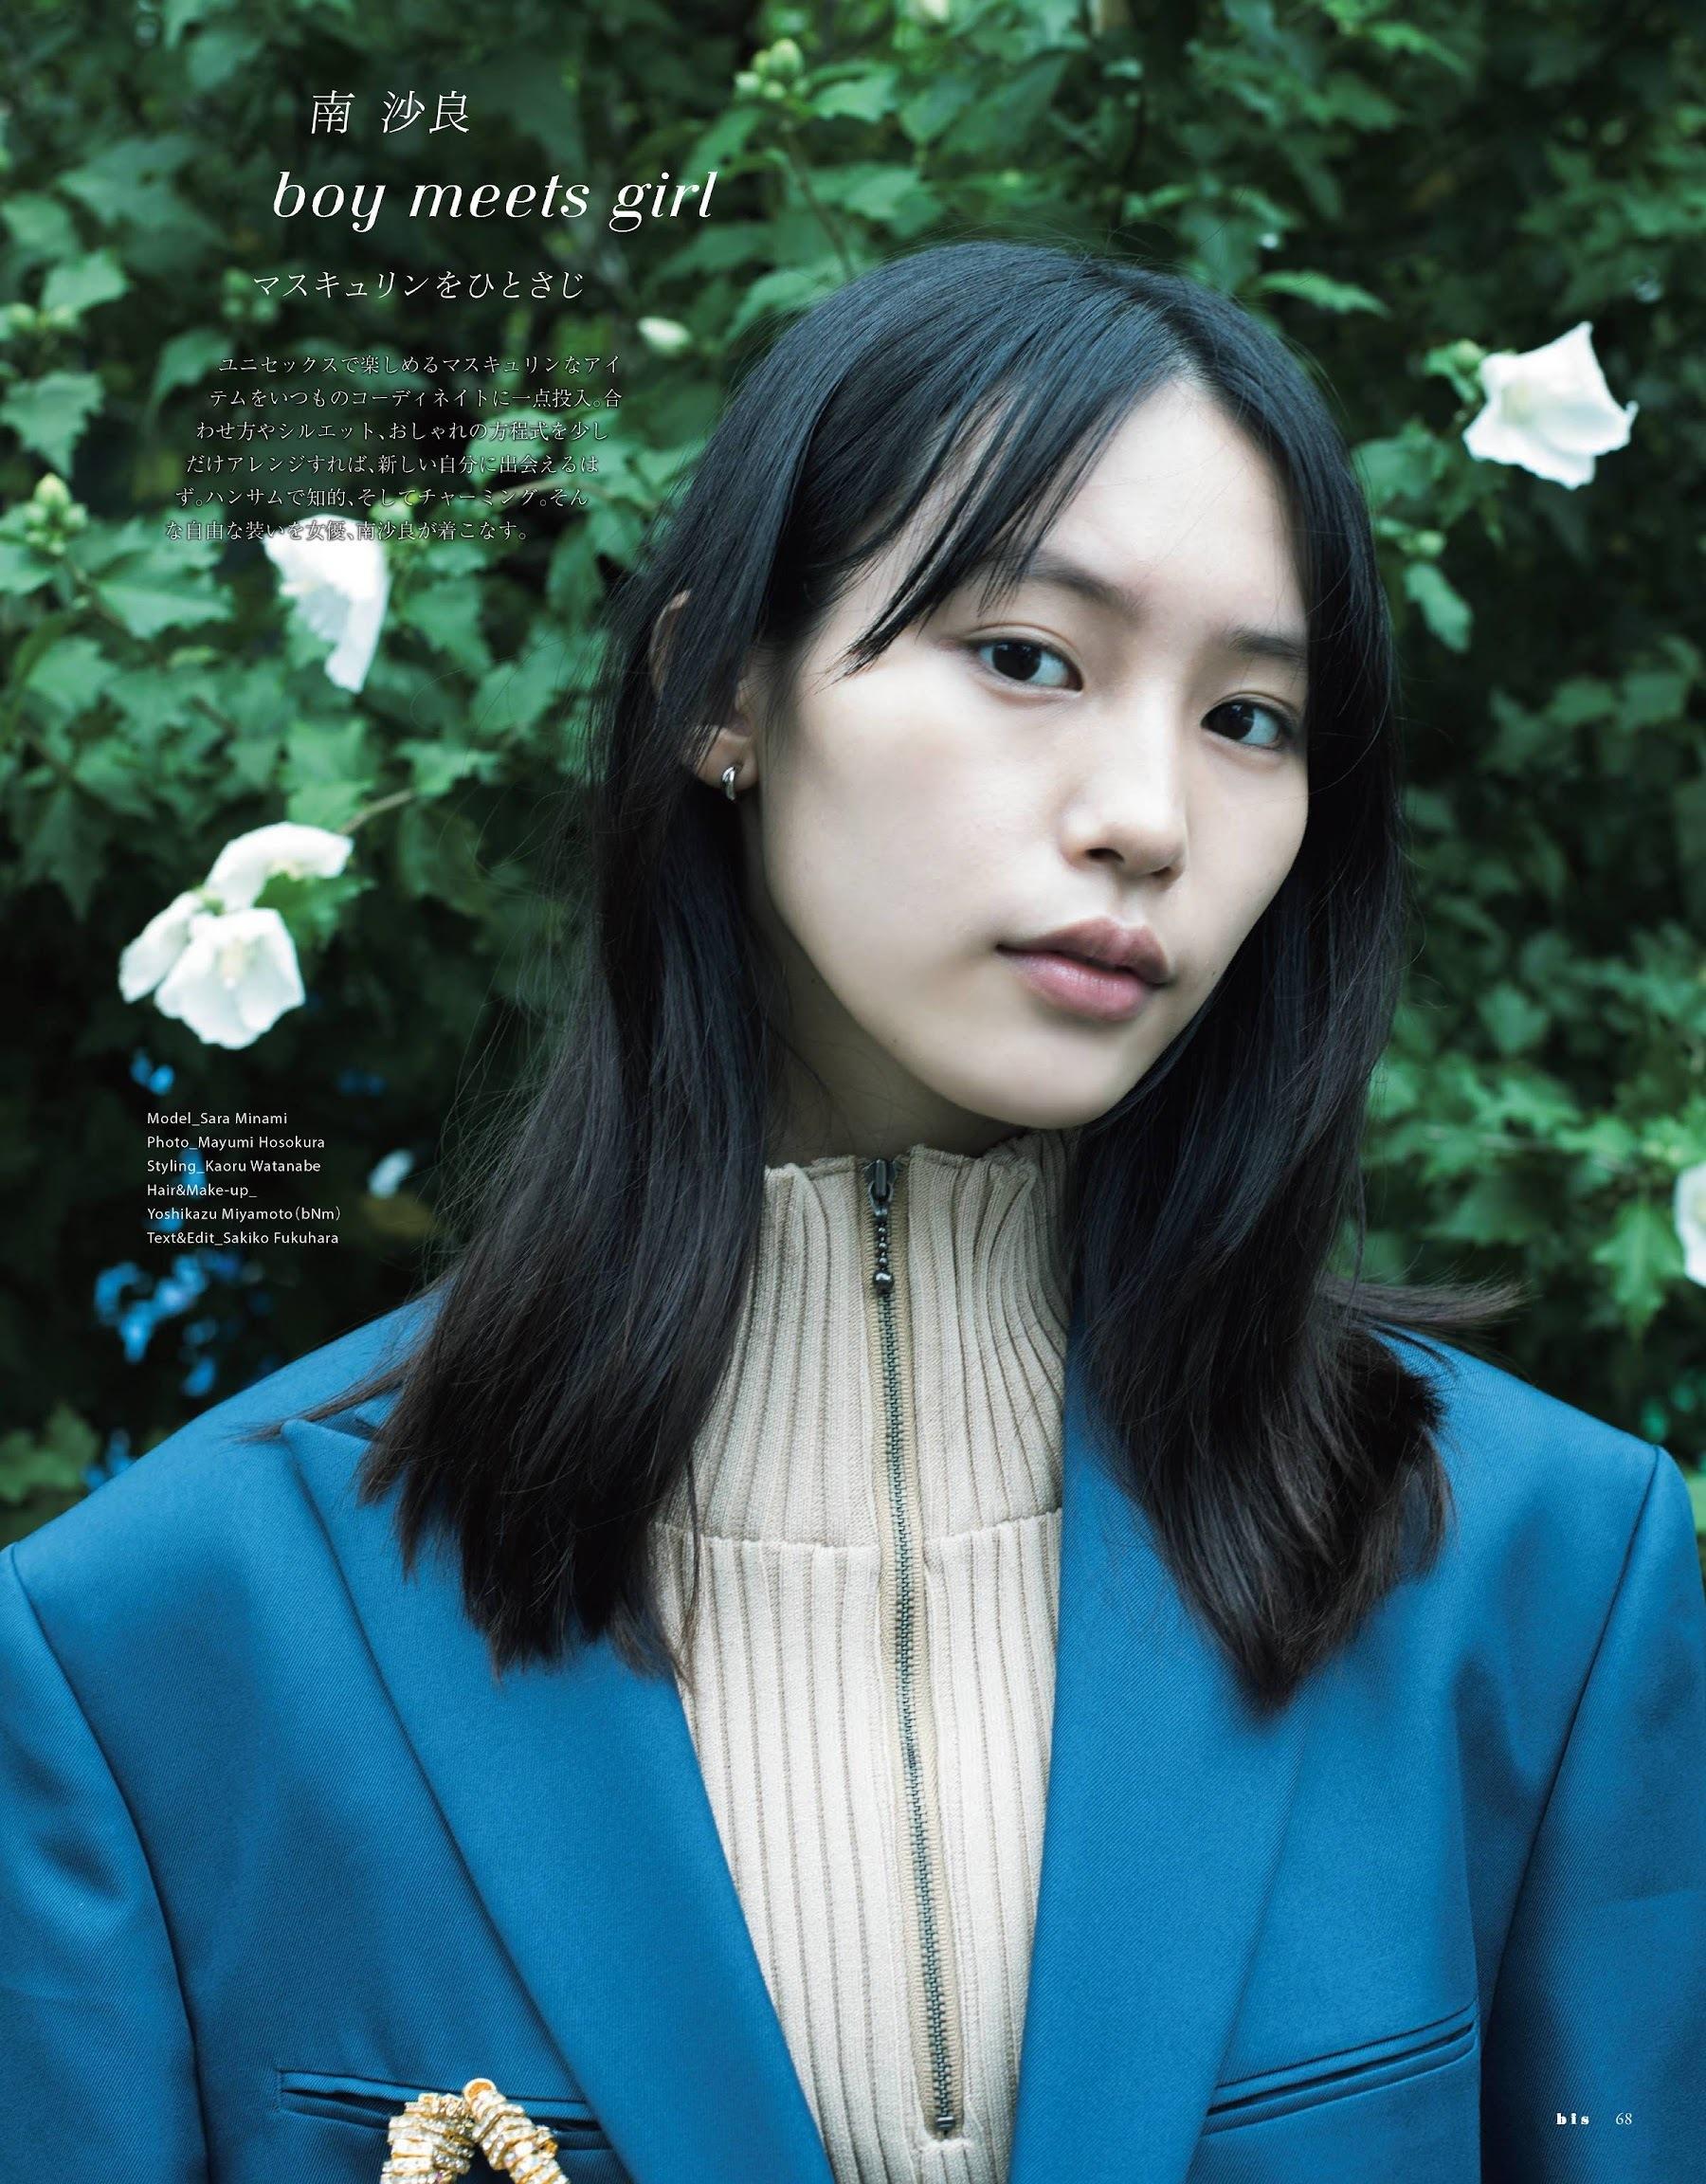 喵妹子写真专辑(第14辑) 养眼图片 第54张